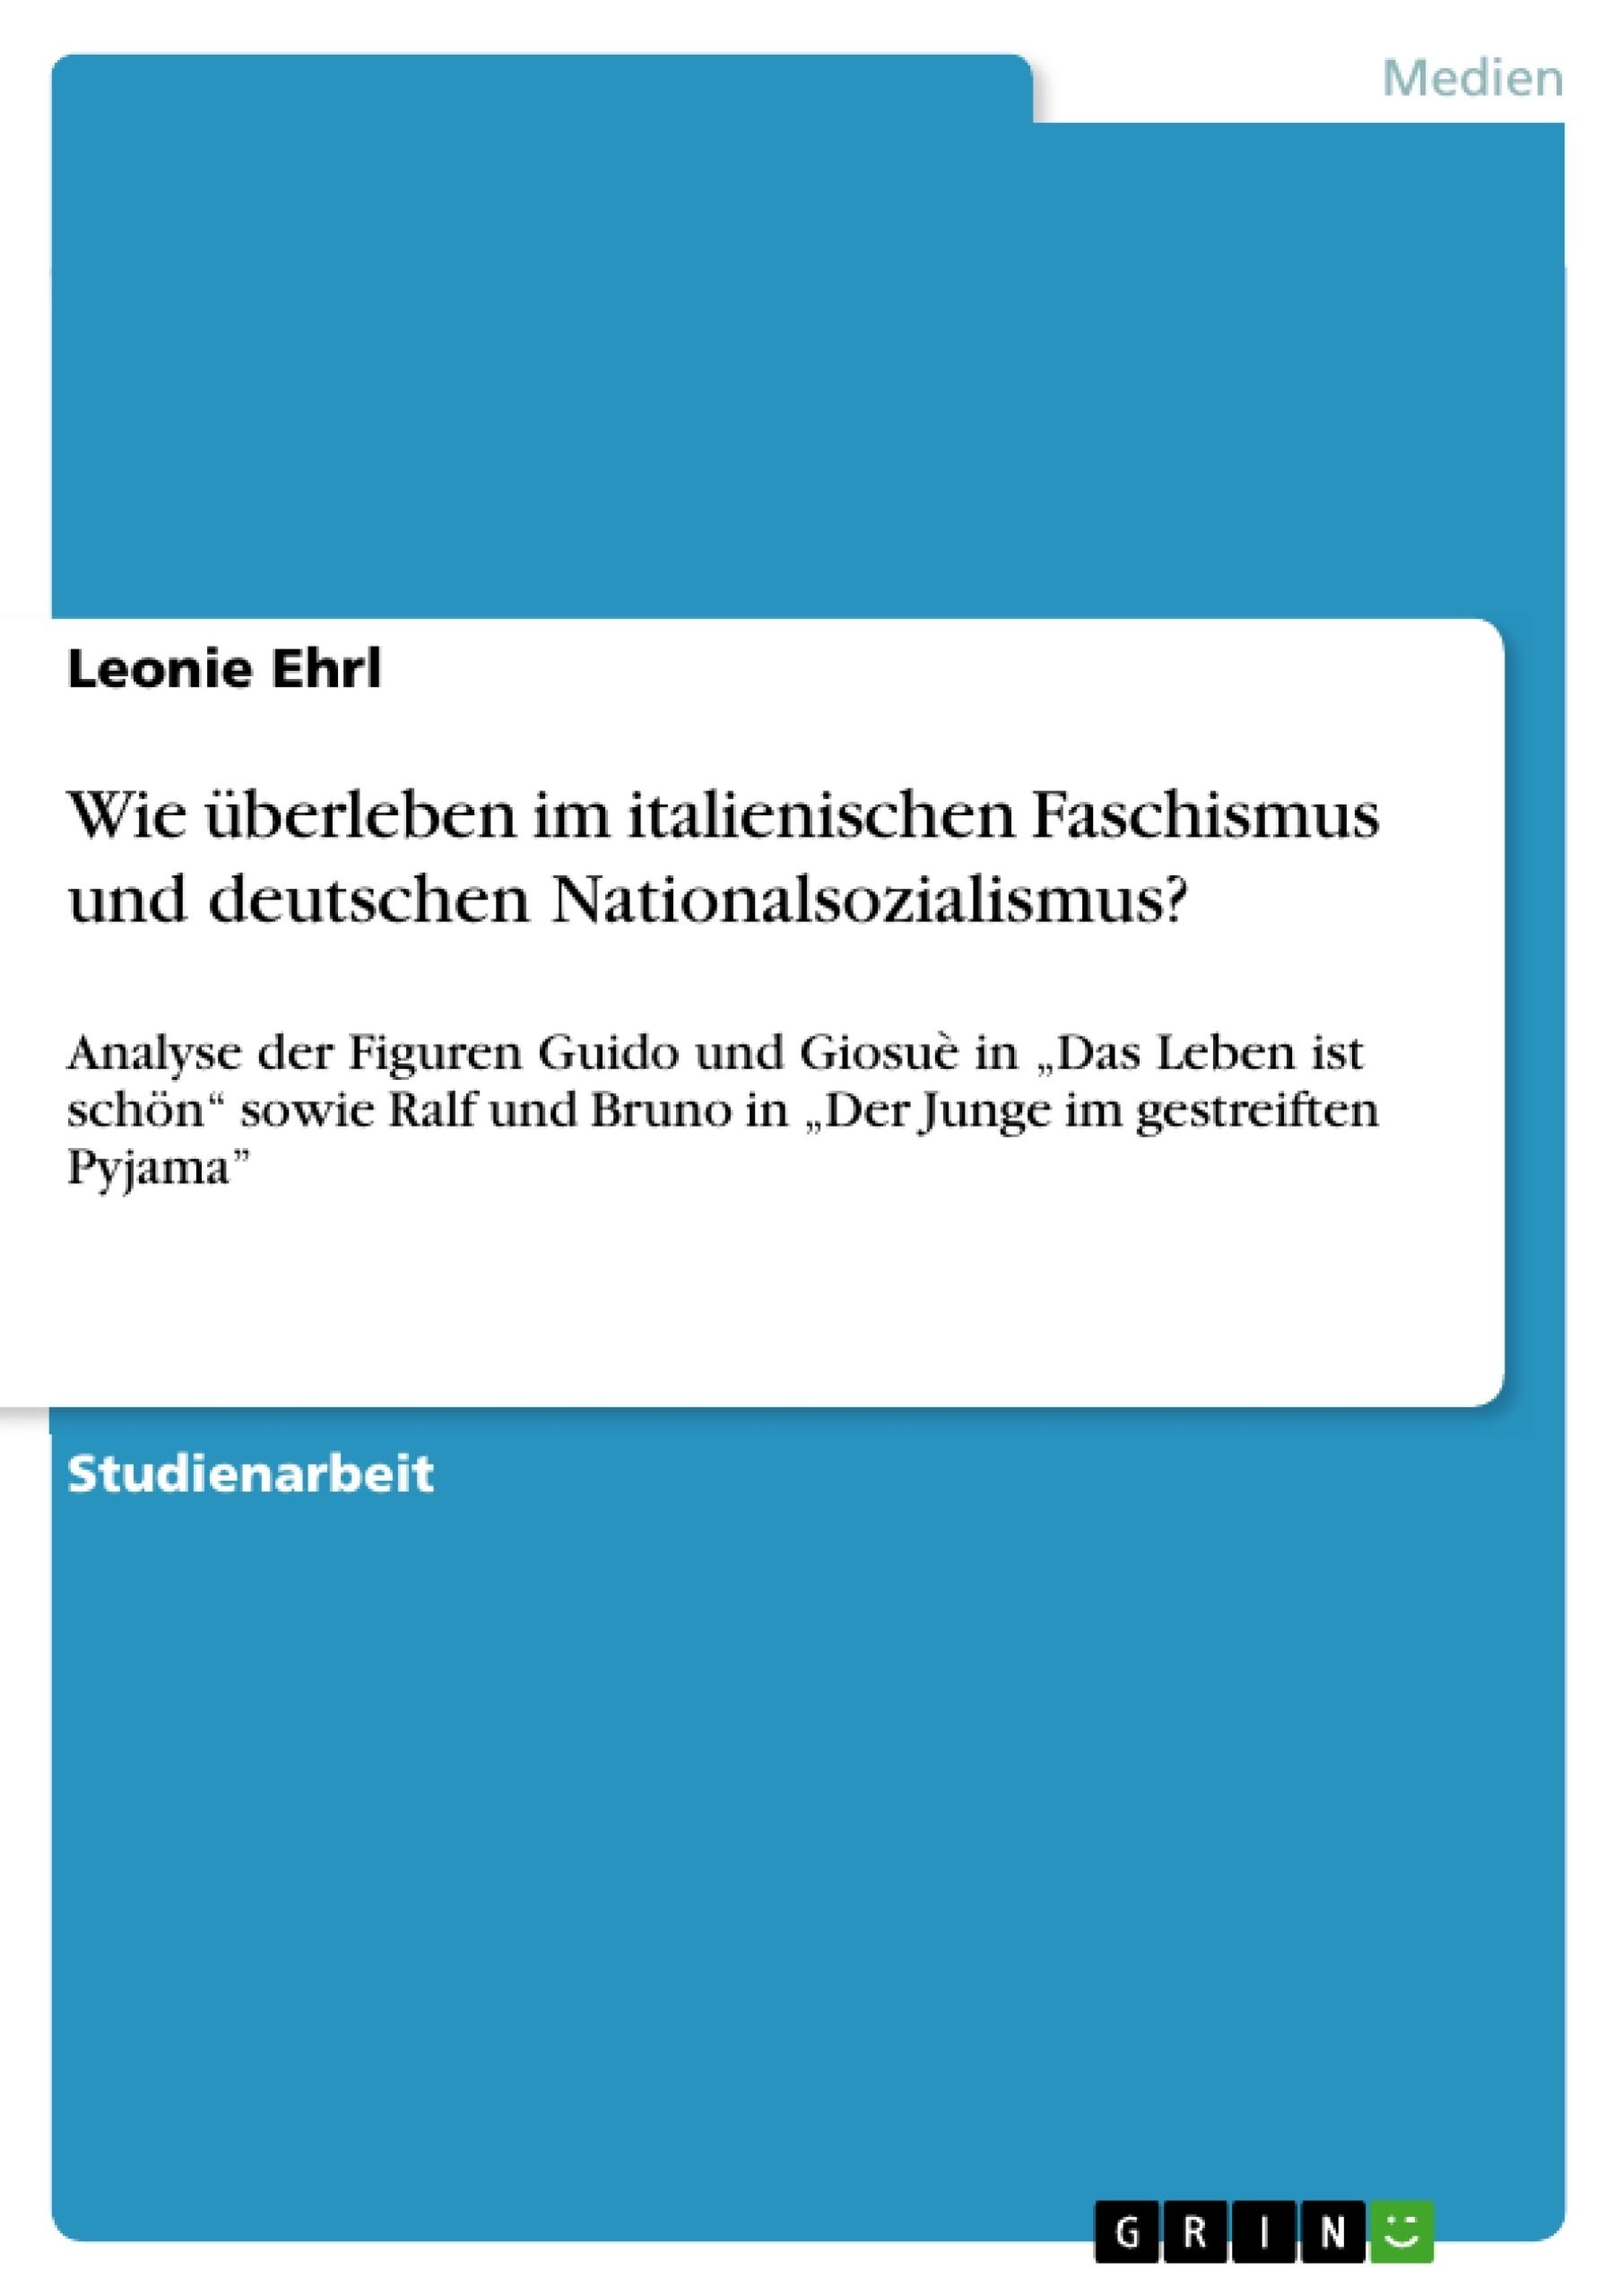 Titel: Wie überleben im italienischen Faschismus und deutschen Nationalsozialismus?